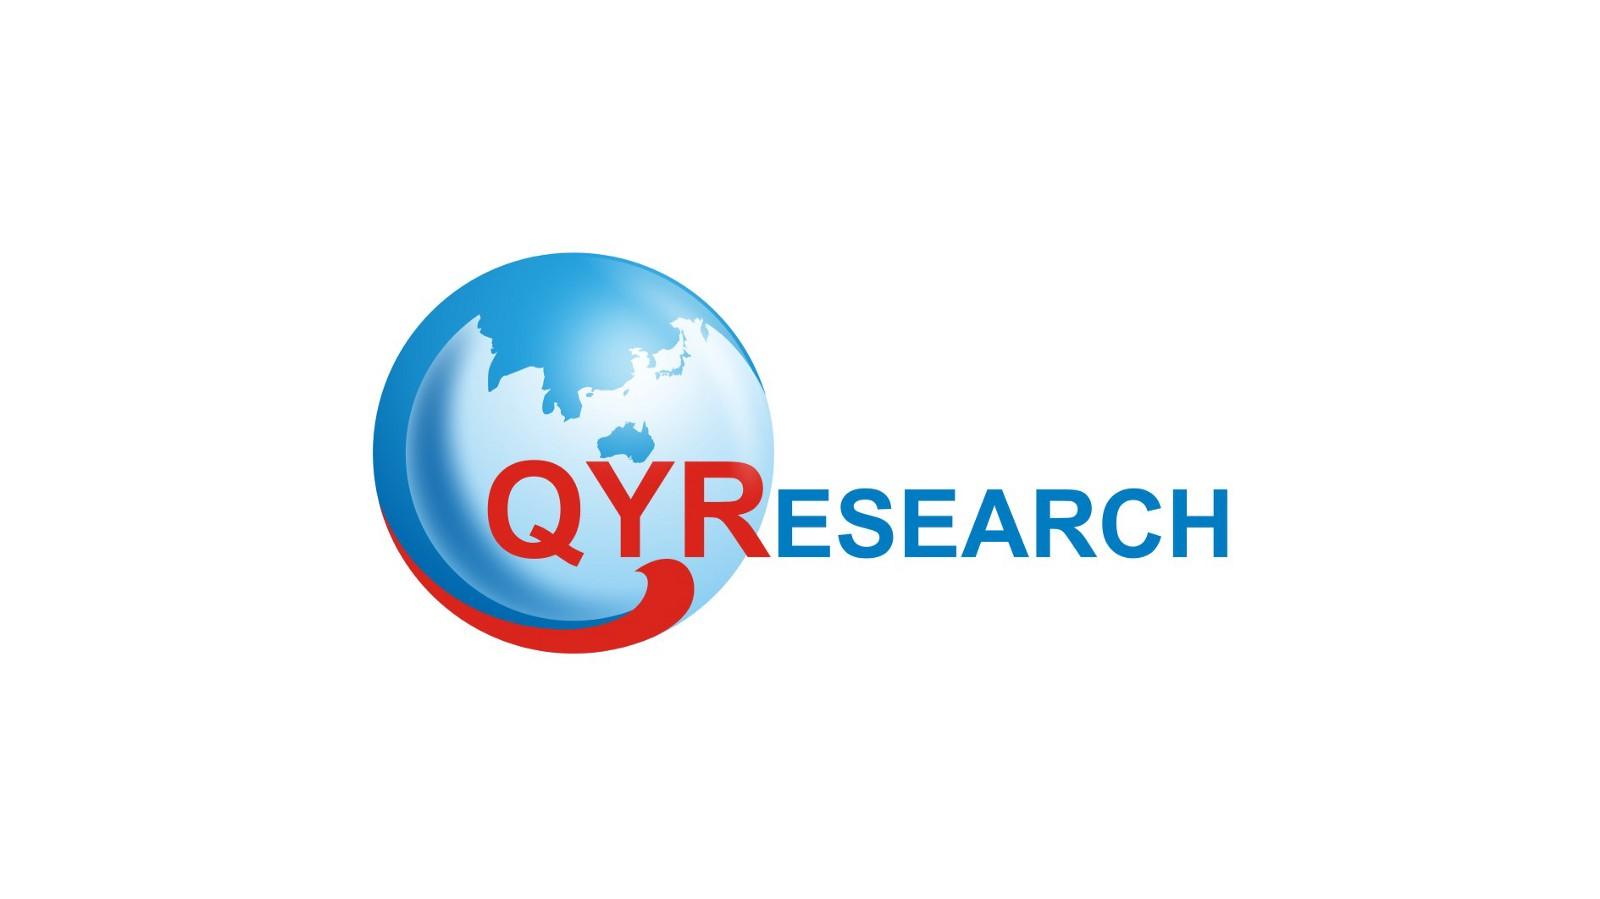 Hüte Markt | Branchenführende Akteure - Msa, Honeywell, Deltaplus, 3M, JSP, Drager